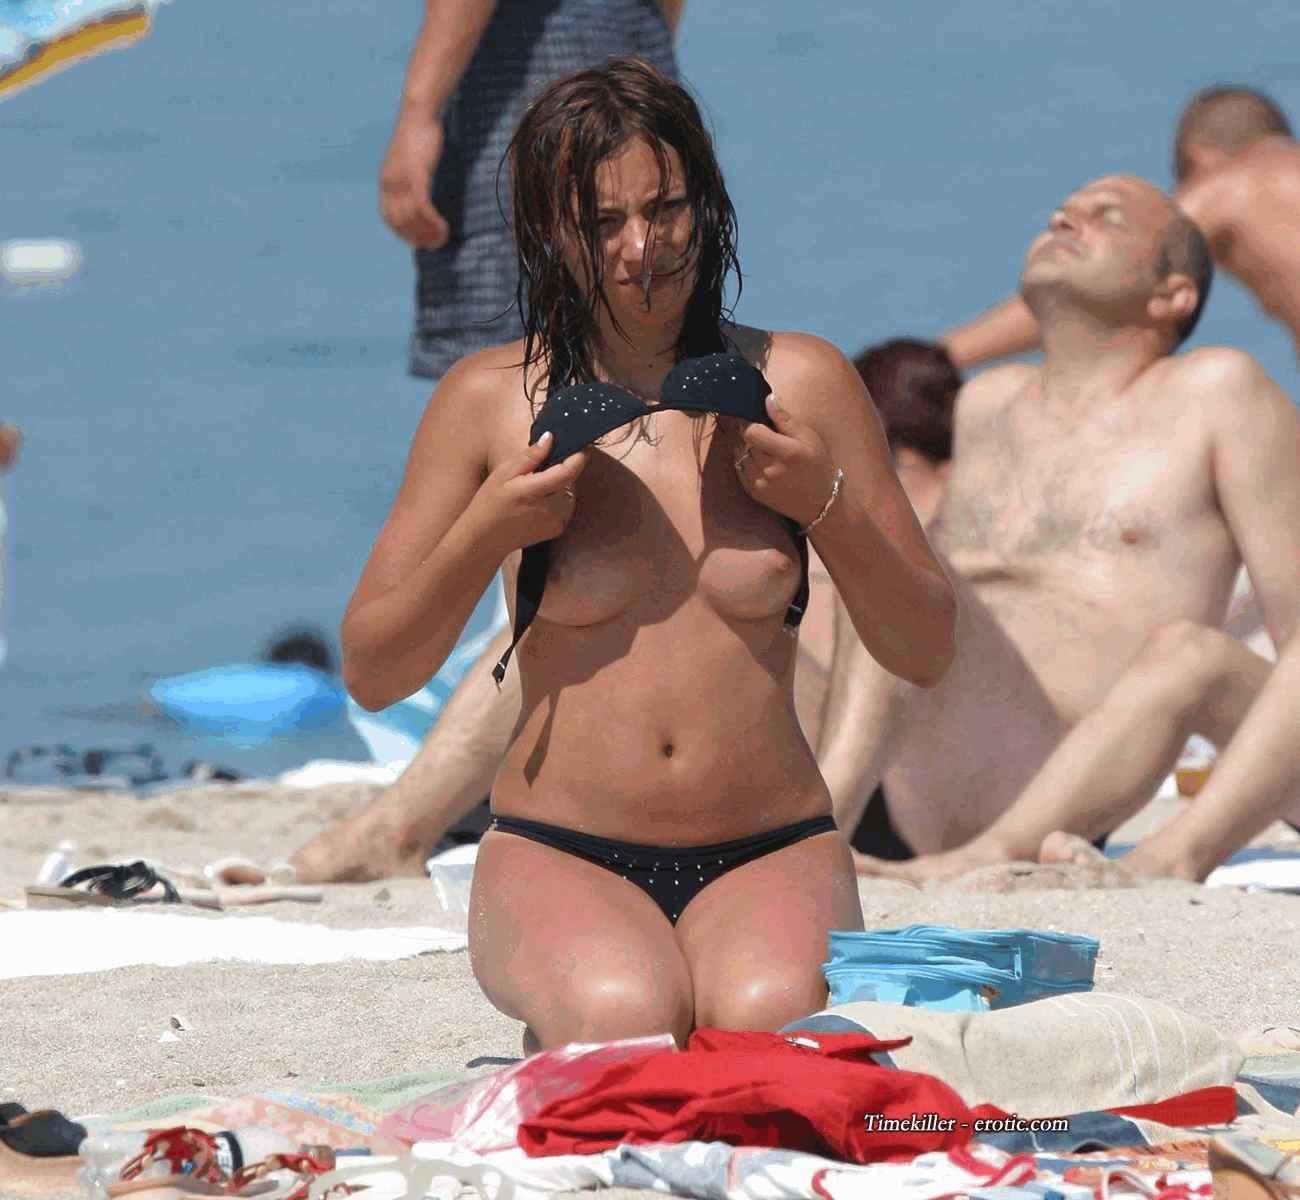 Эротические купальники на пляже фото 19 фотография